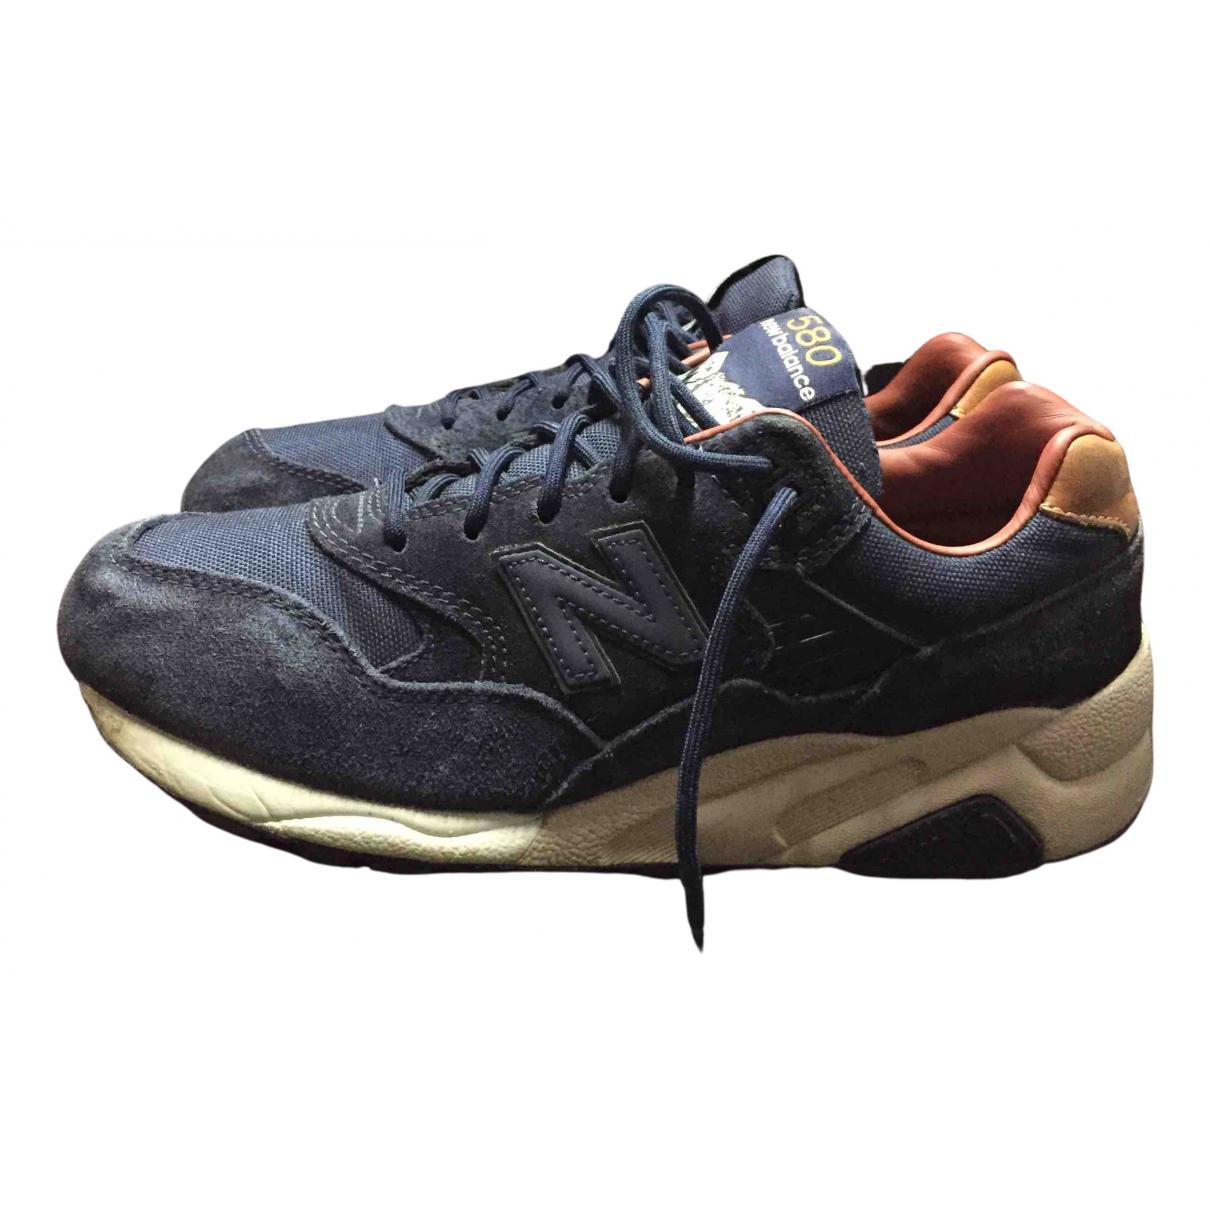 New Balance - Baskets   pour homme en suede - bleu